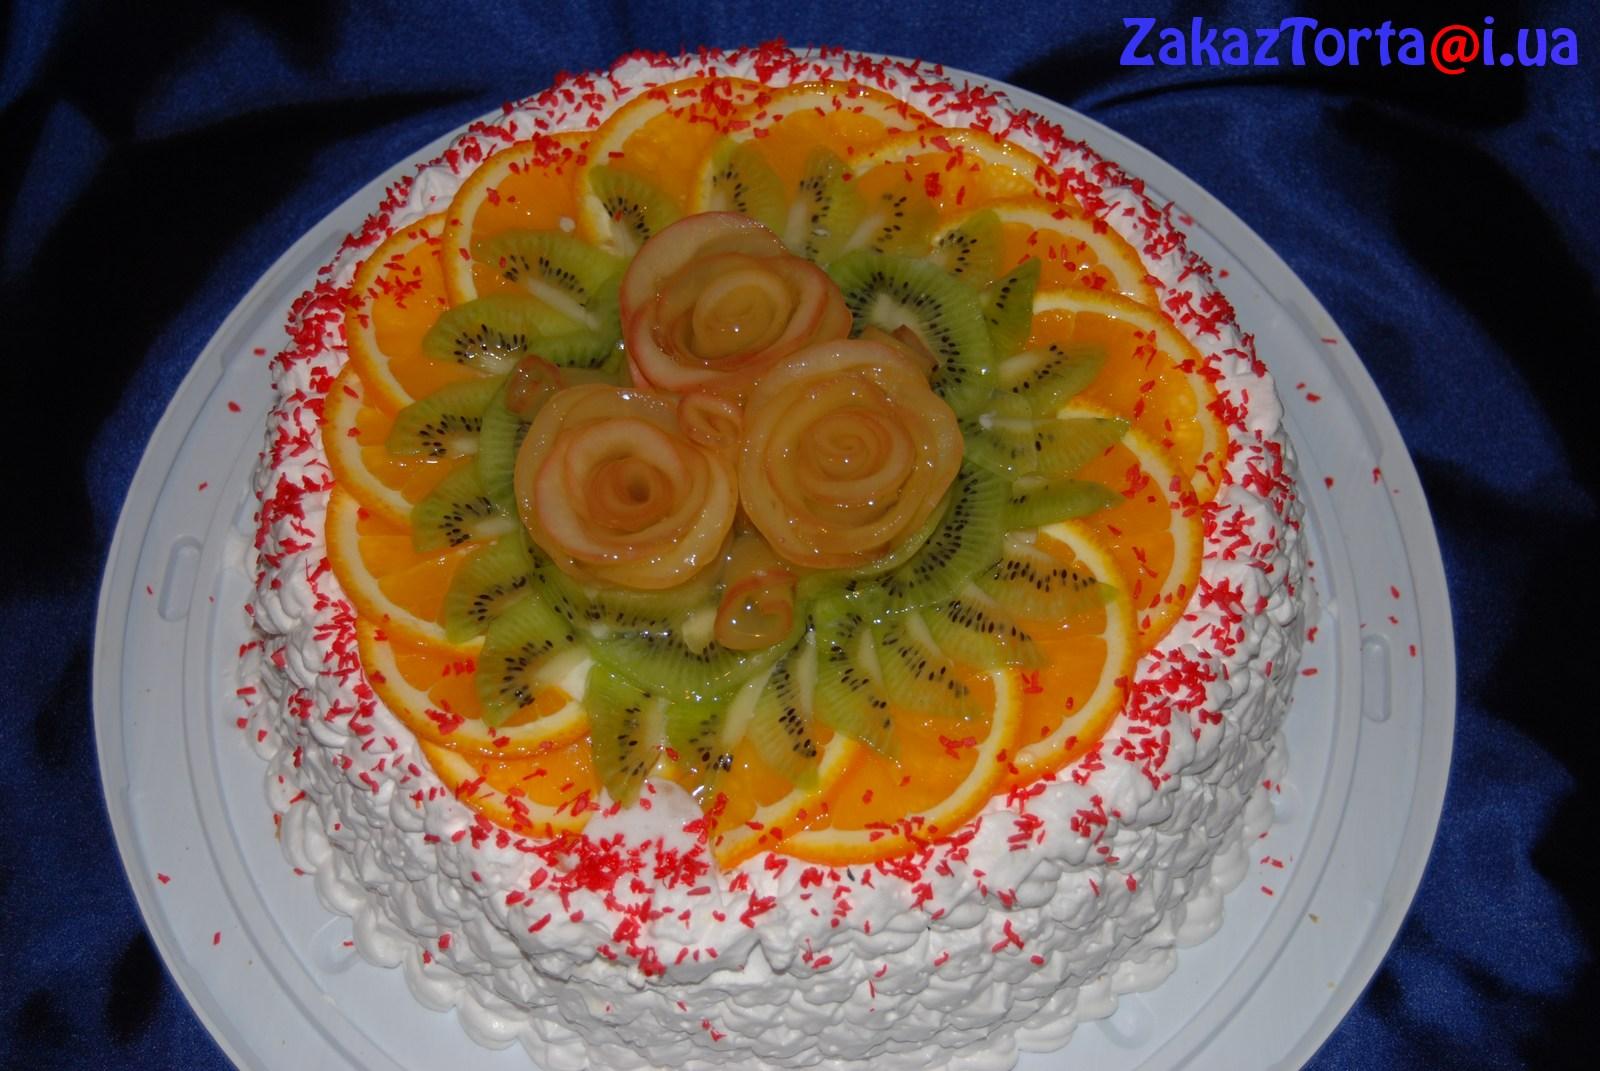 Торт творожно бисквитный с желе и фруктами рецепт 2